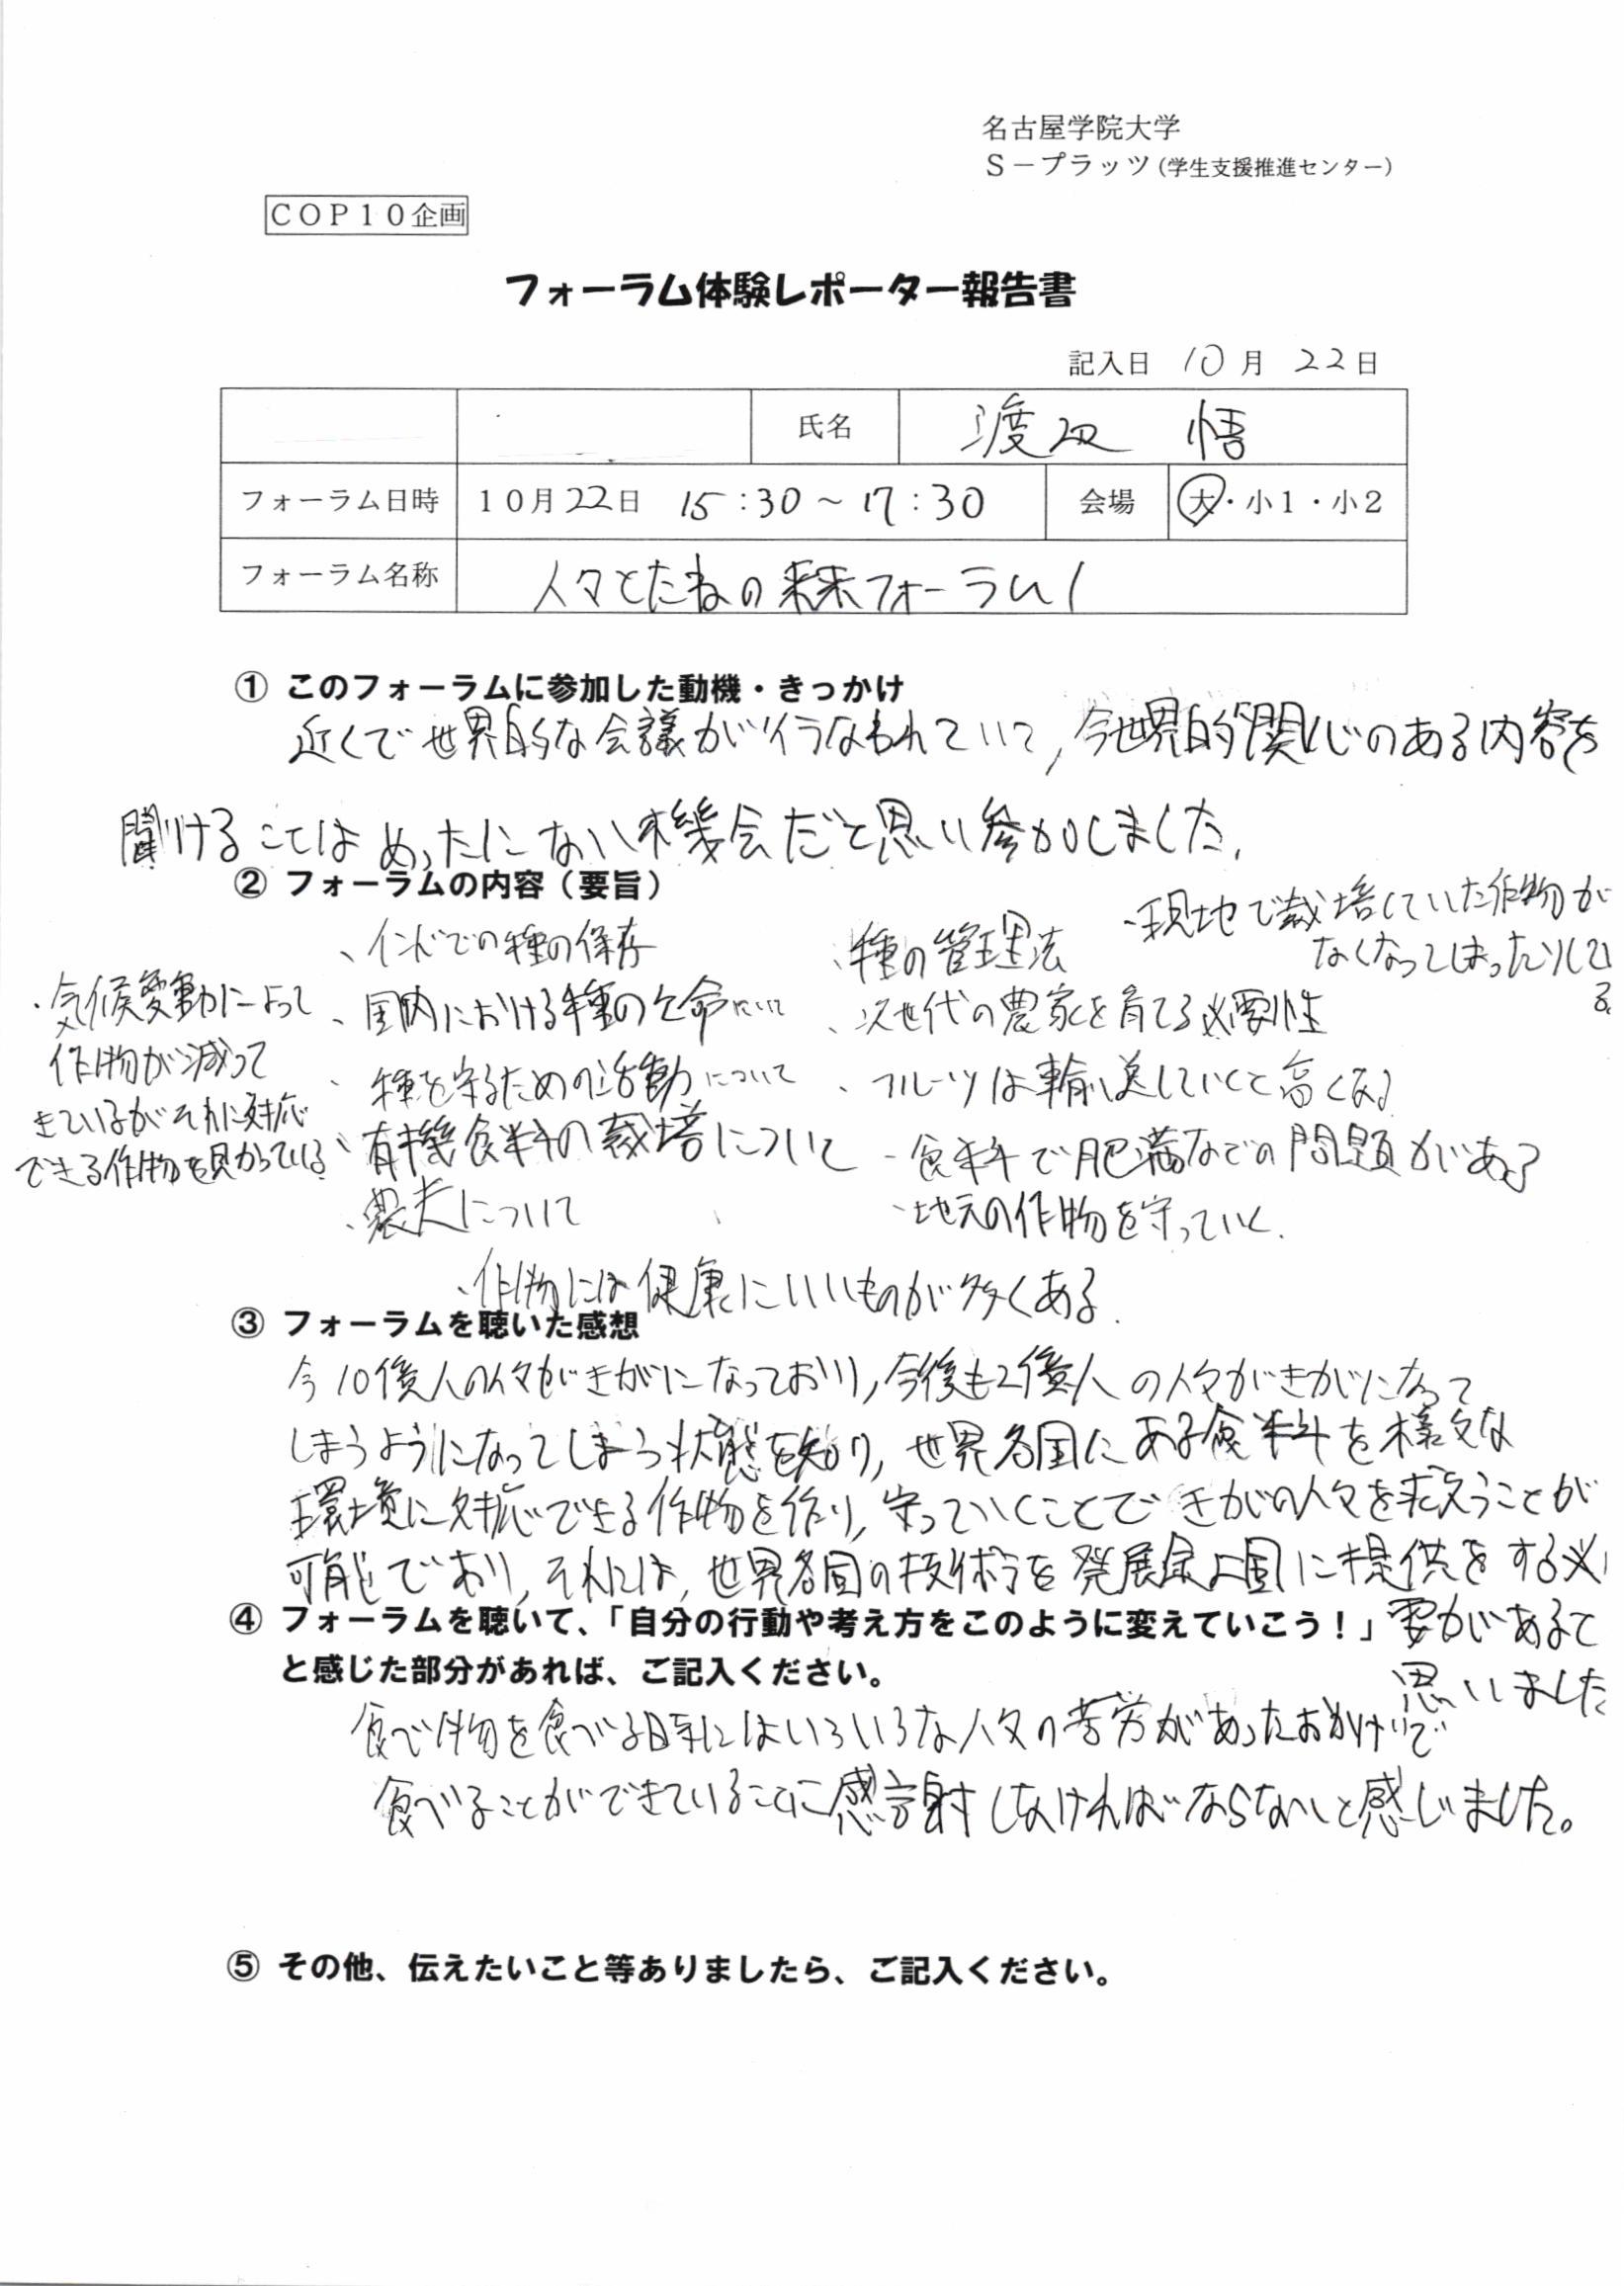 フォーラム体験レポーター報告渡辺